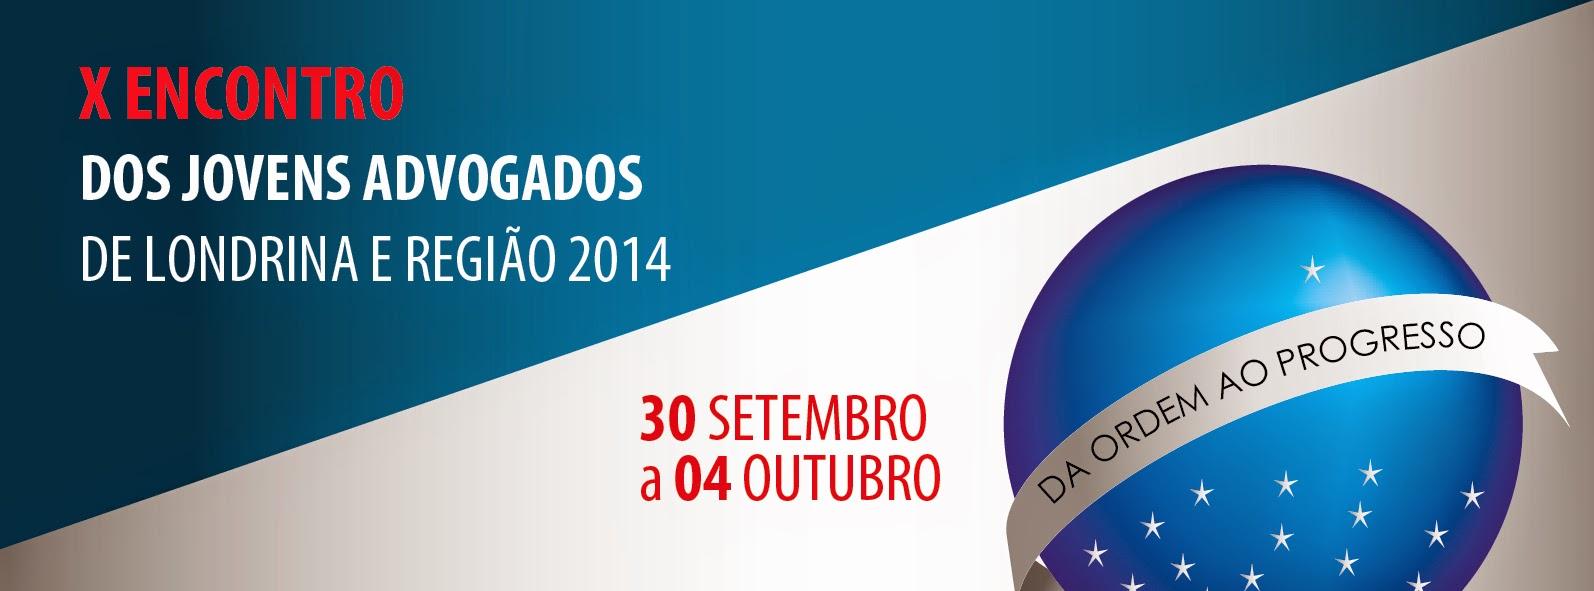 X Encontro dos Jovens Advogados de Londrina e Região